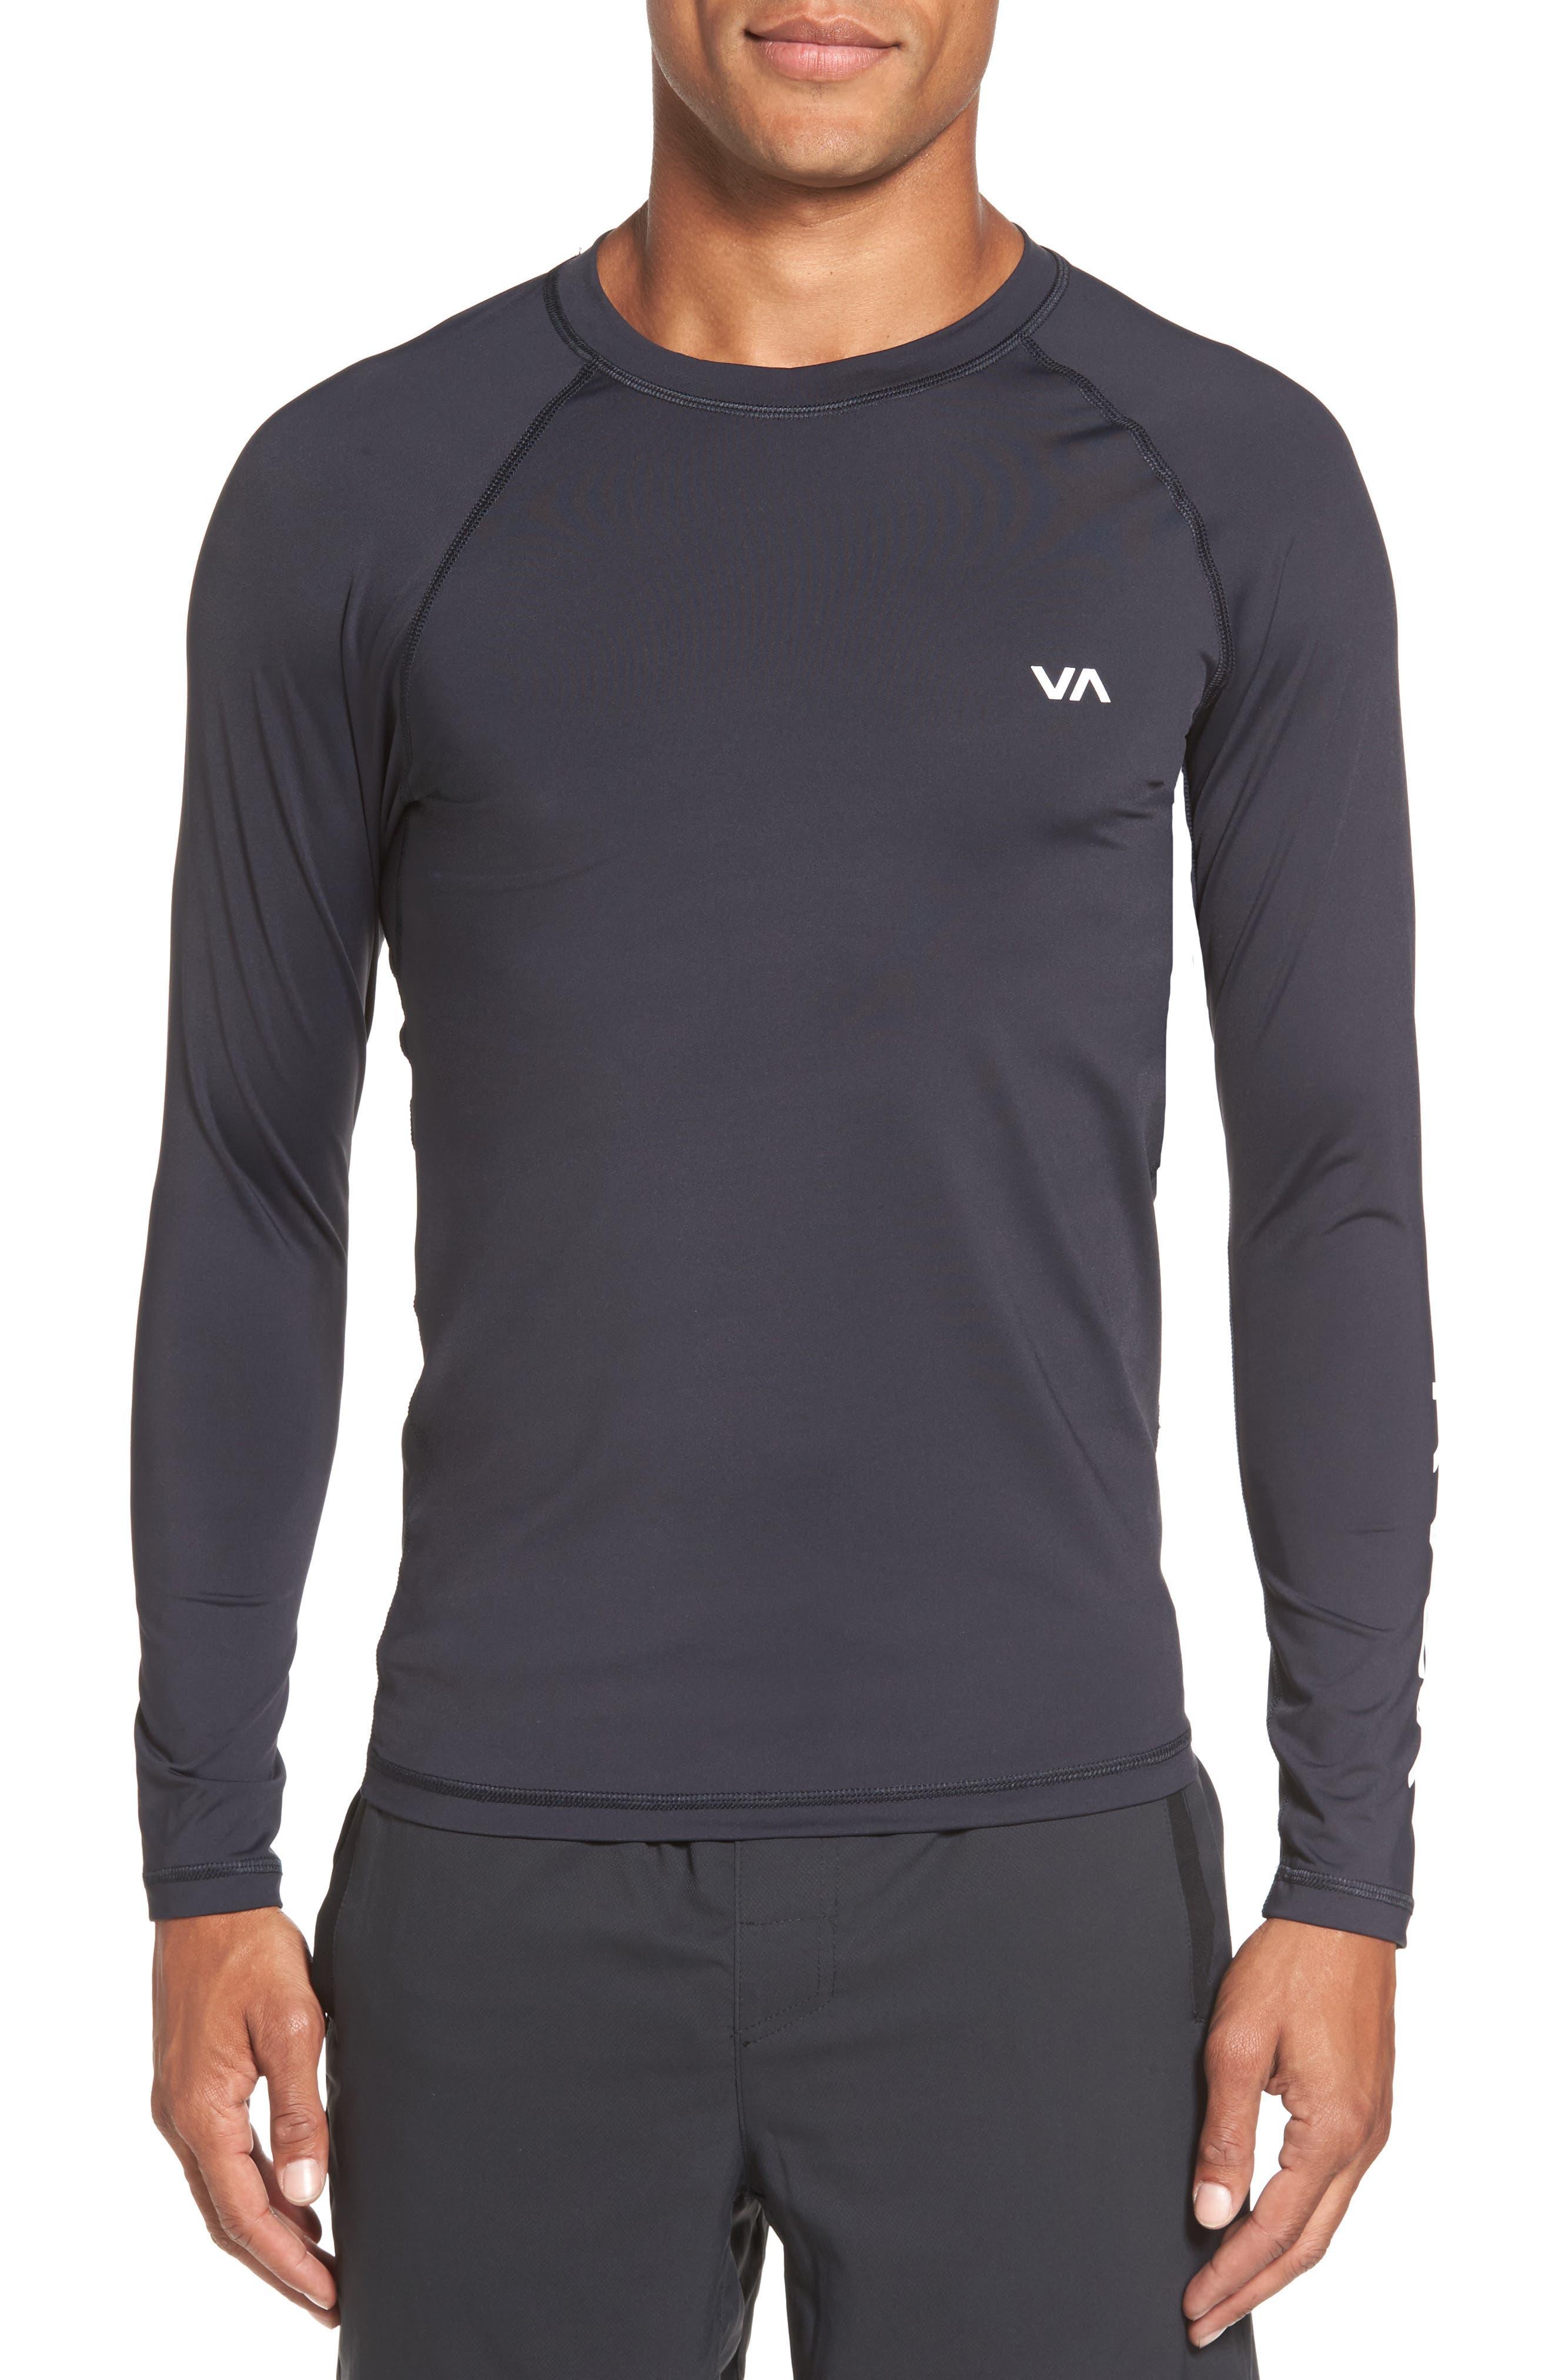 VA Sport Compression Shirt,                         Main,                         color, Black